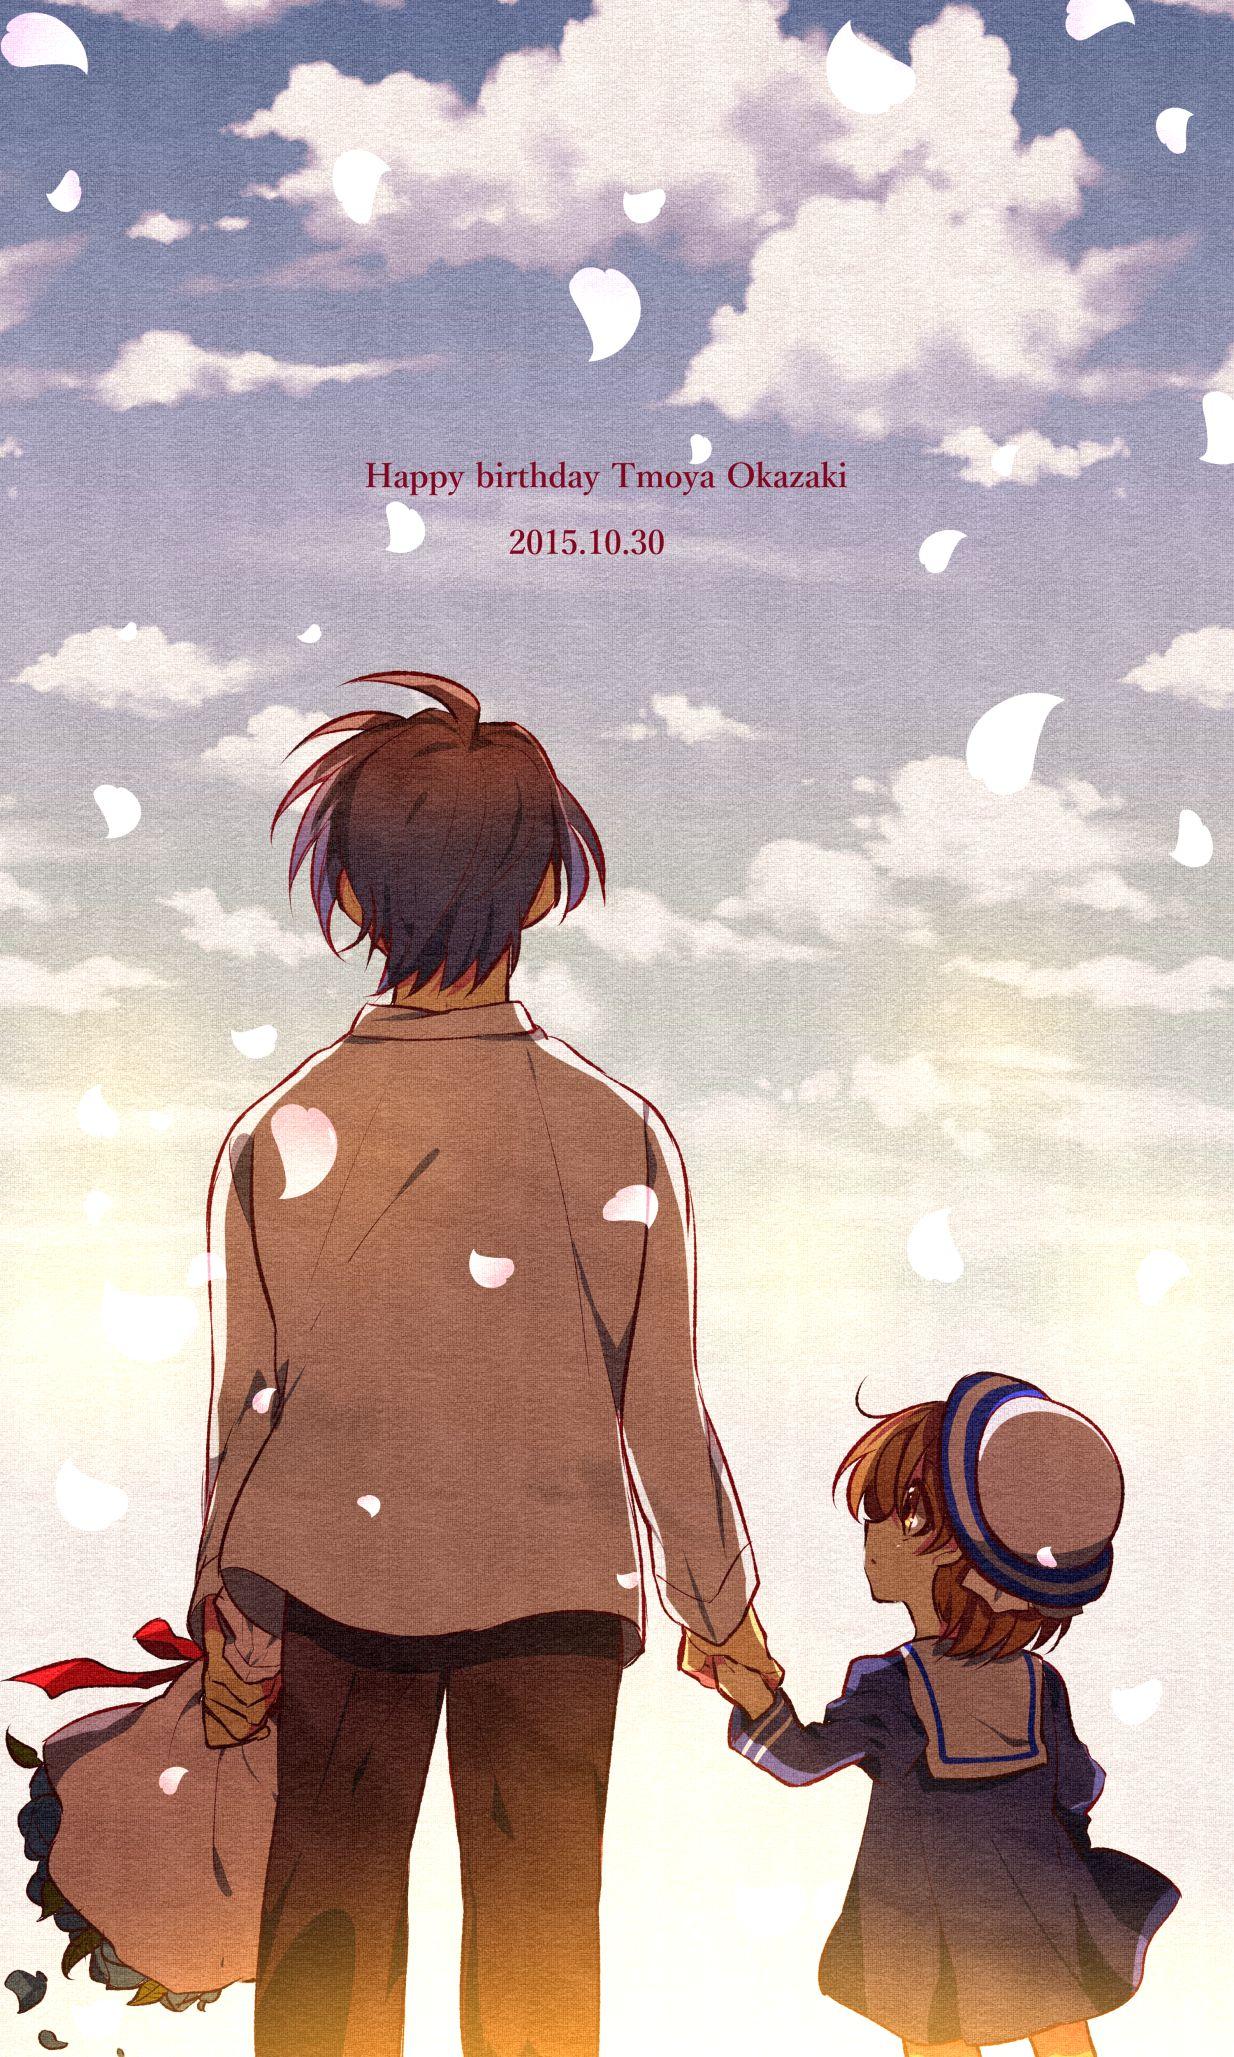 Shiroto Pixiv1781512 Clannad Okazaki Ushio Okazaki Tomoya